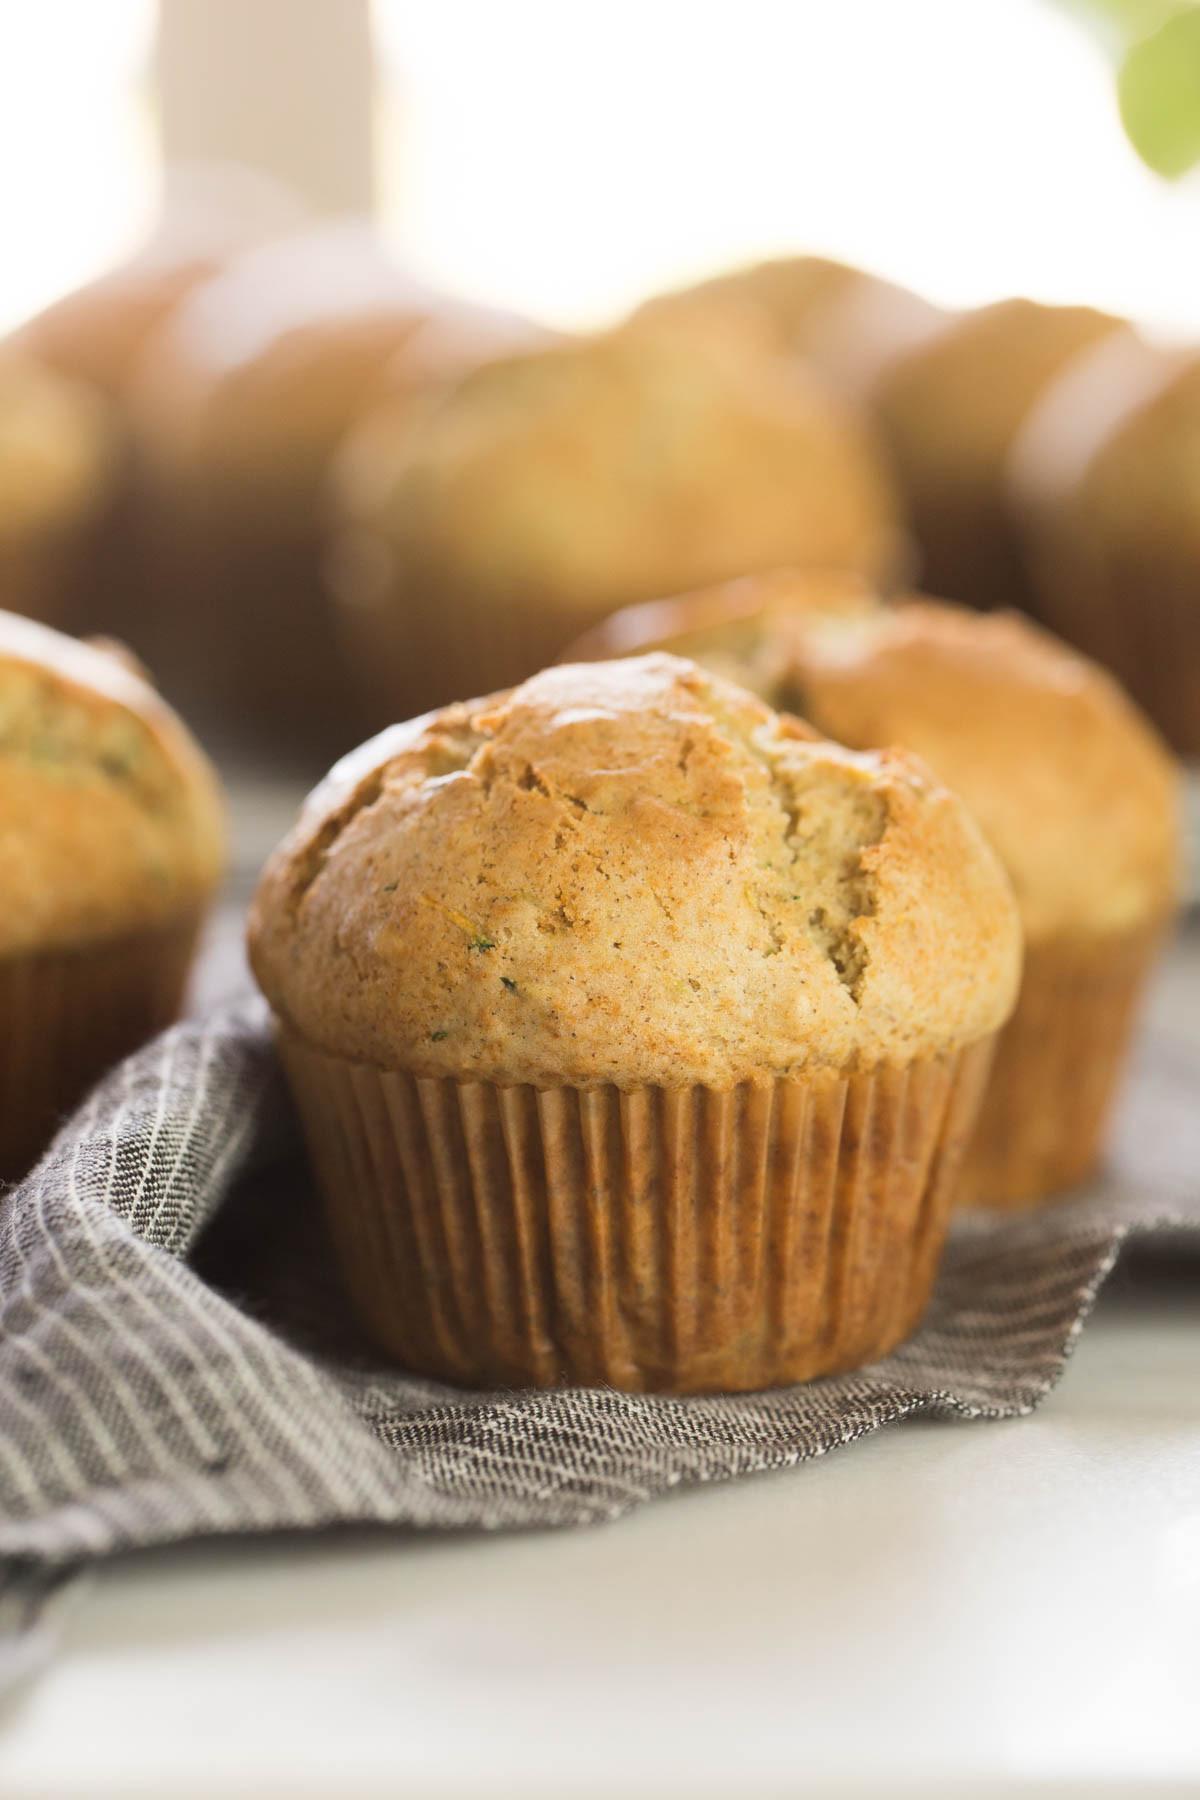 Zucchini Muffins Healthy  Healthier Zucchini Muffins Lovely Little Kitchen